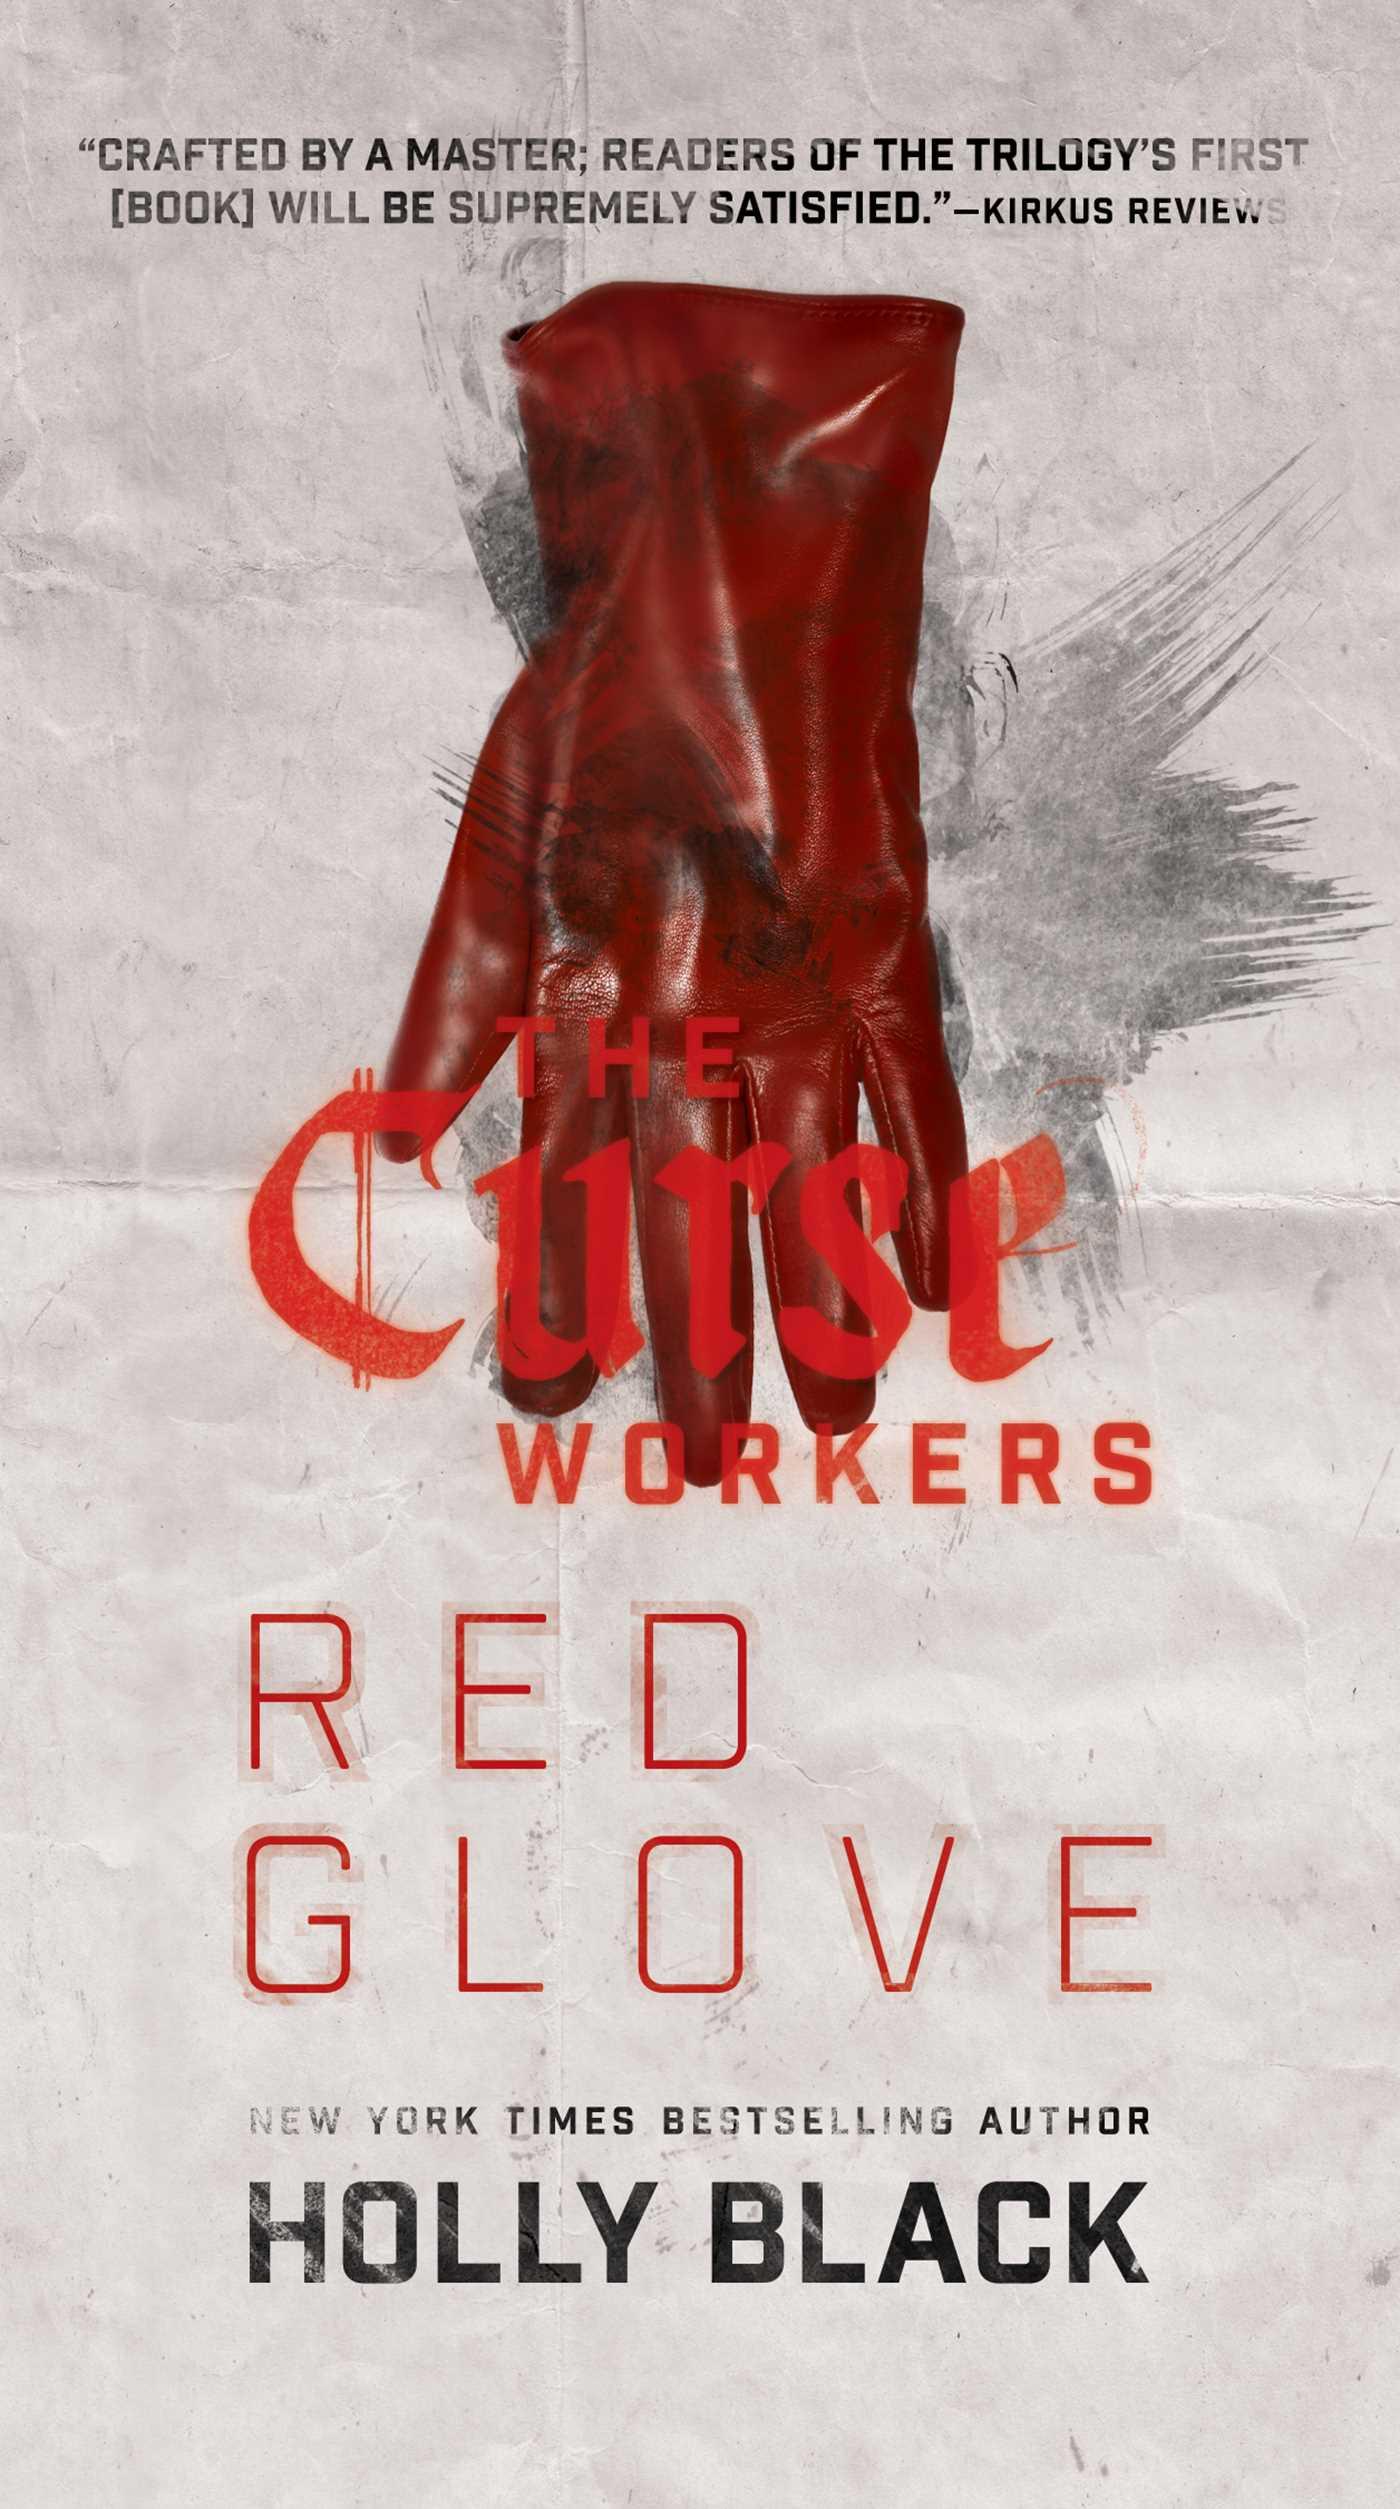 Red glove 9781442403413 hr